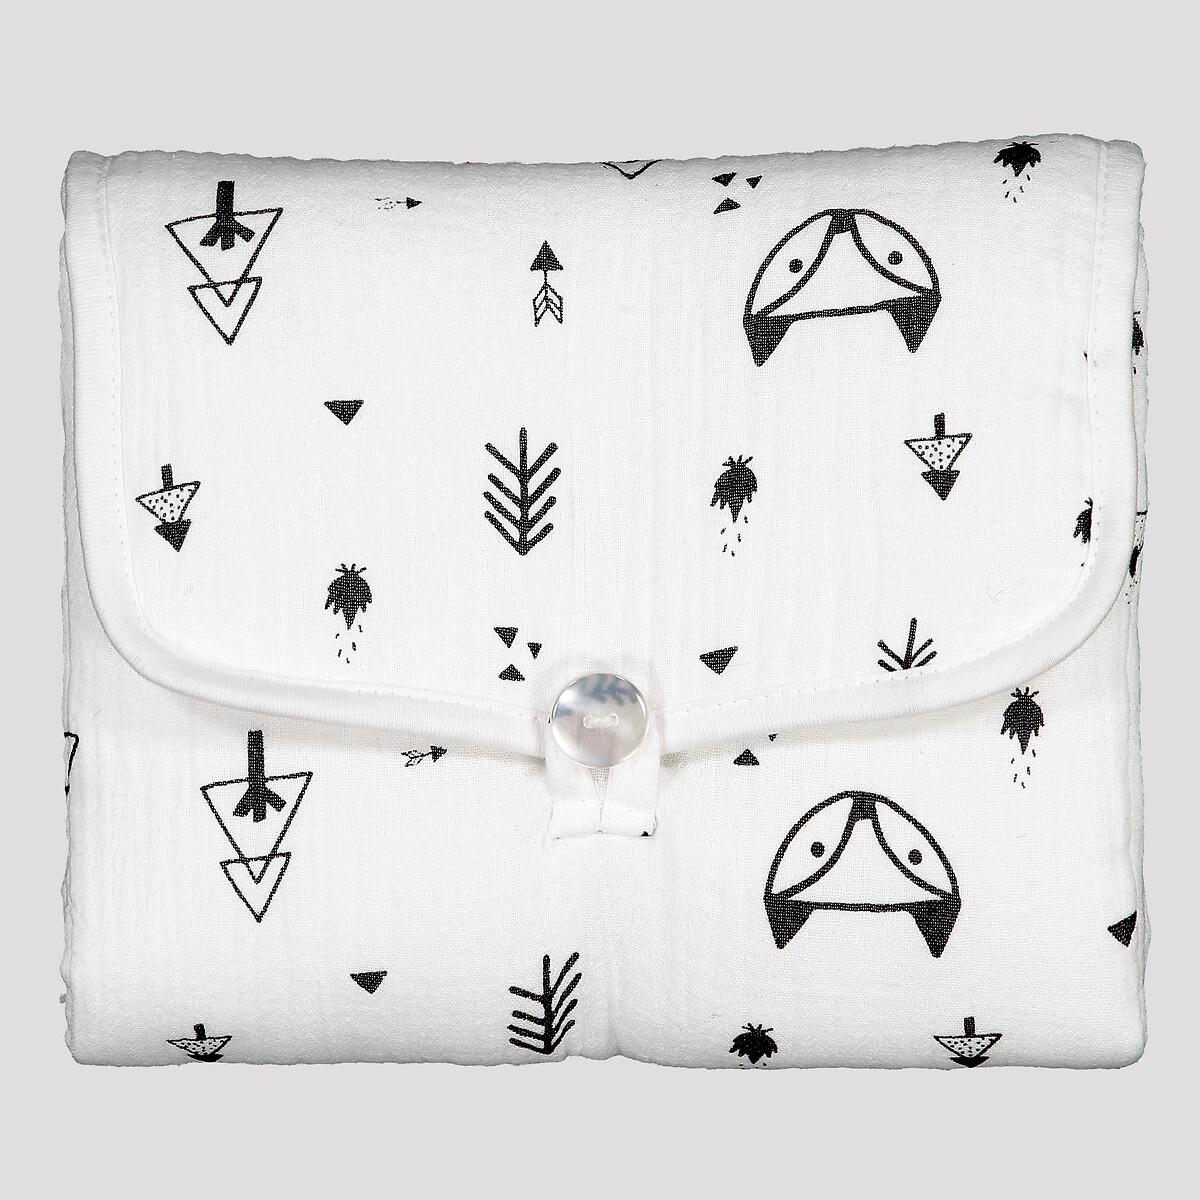 цена Матрас La Redoute Для пеленания из хлопчатобумажной газовой ткани Forest camp единый размер белый онлайн в 2017 году